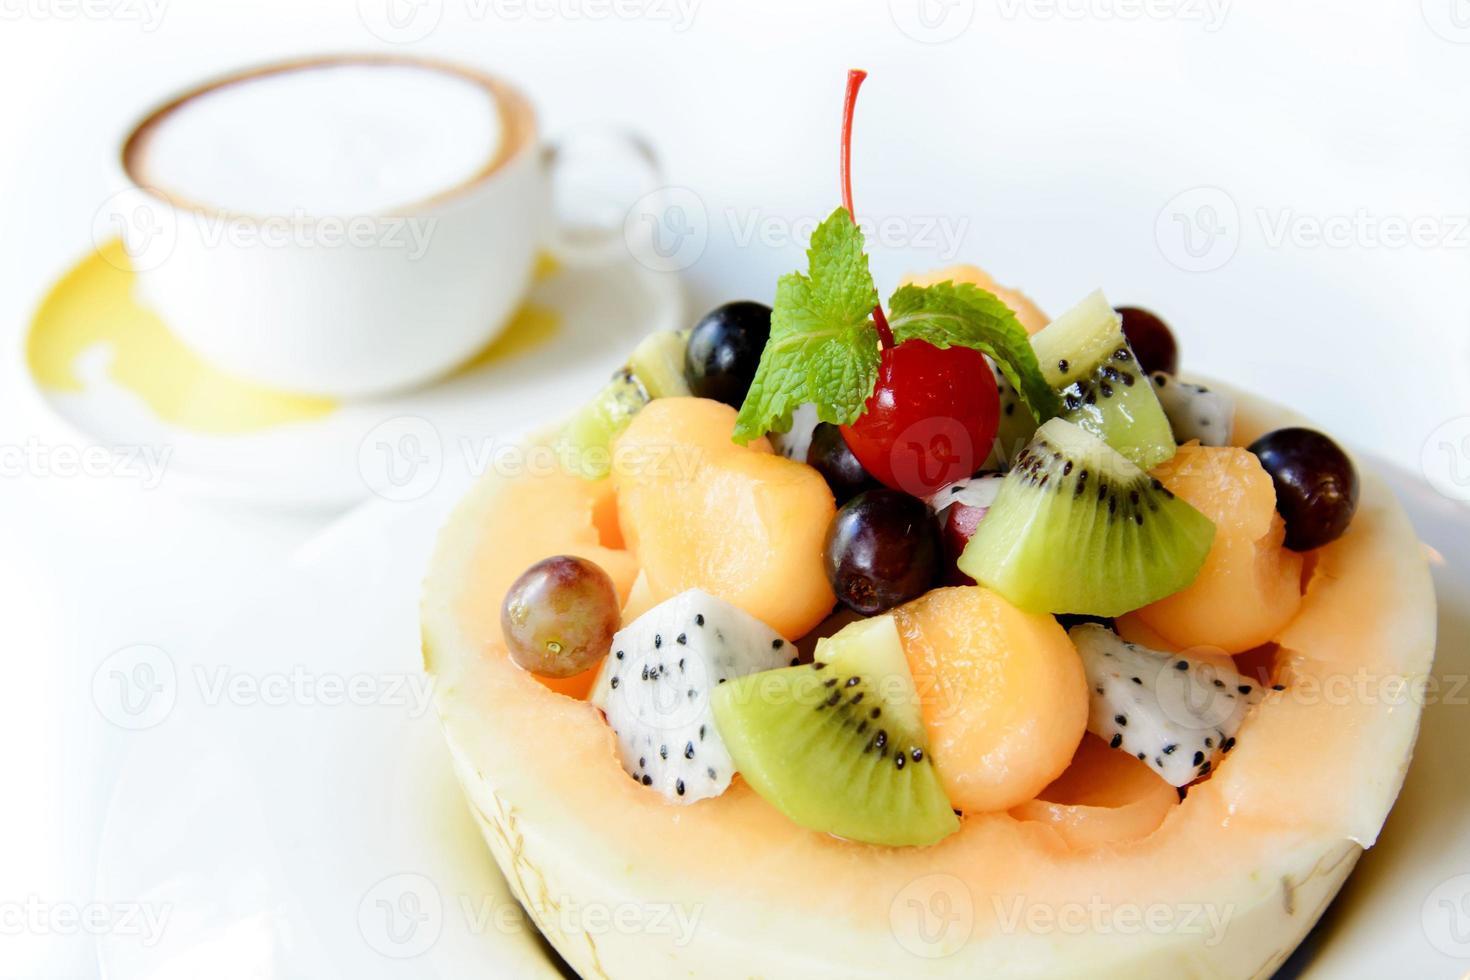 salade de fruit photo